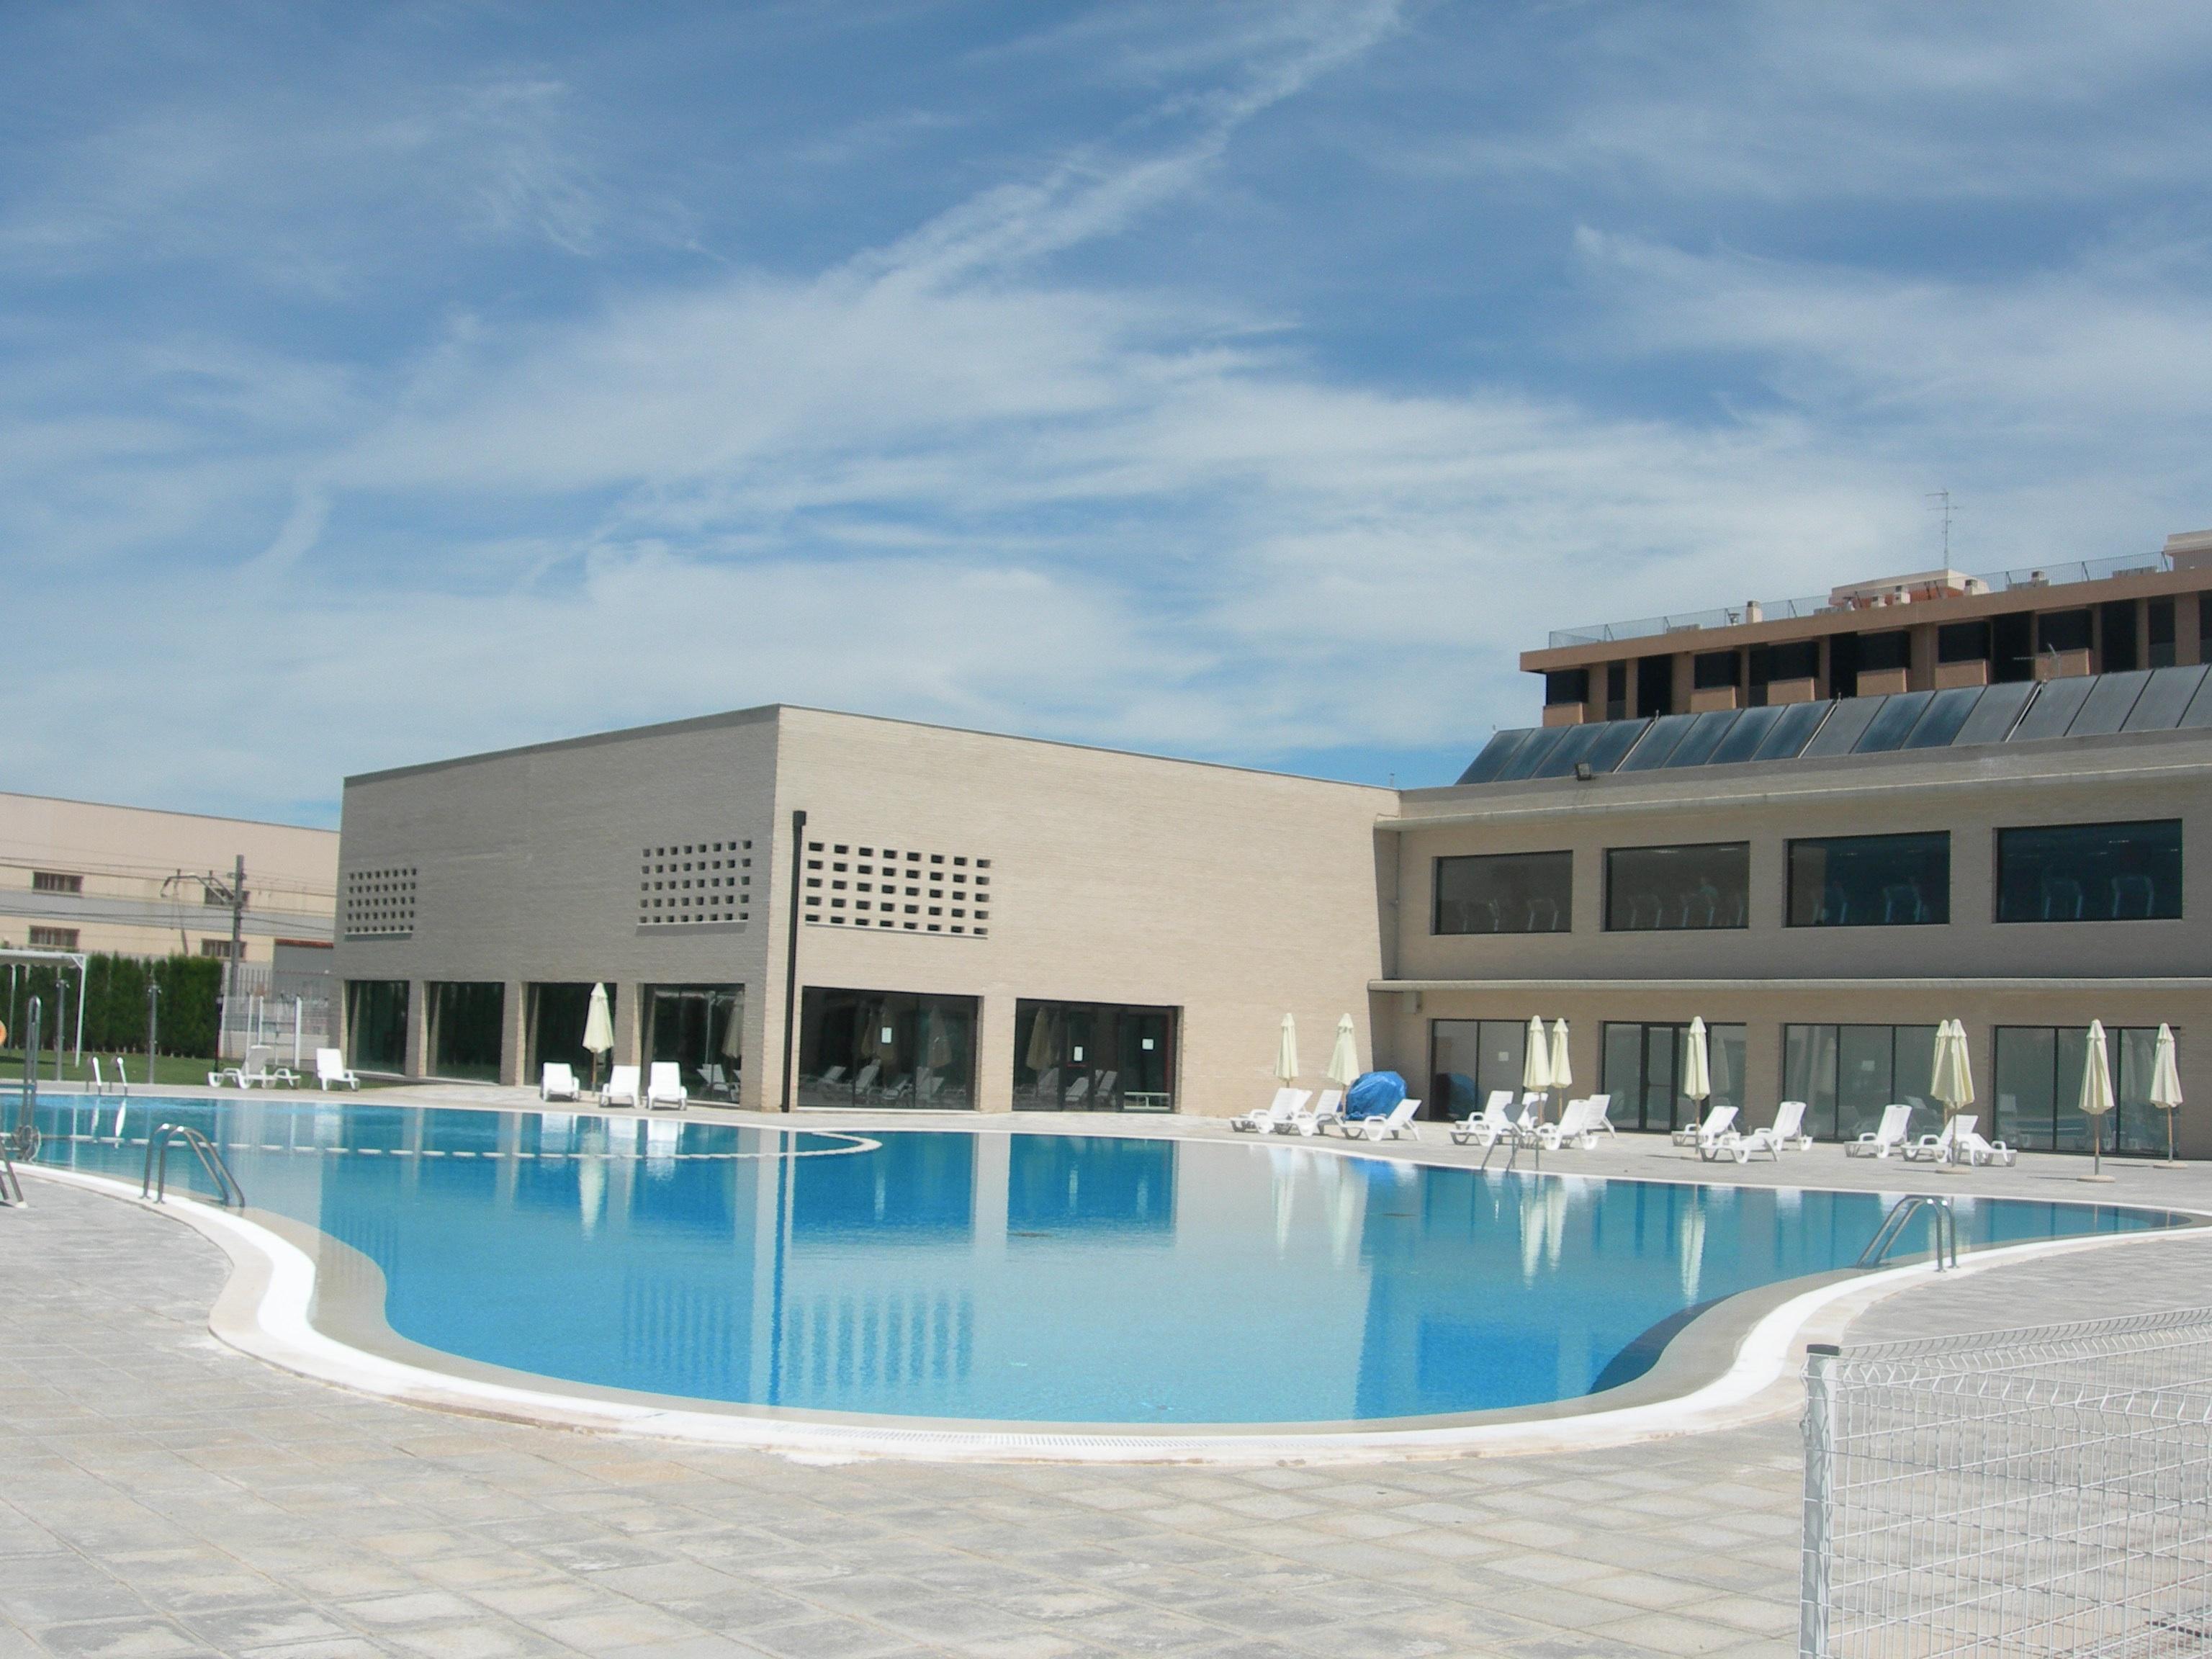 La piscina de alfafar ser m s barata para los vecinos for Piscina paiporta